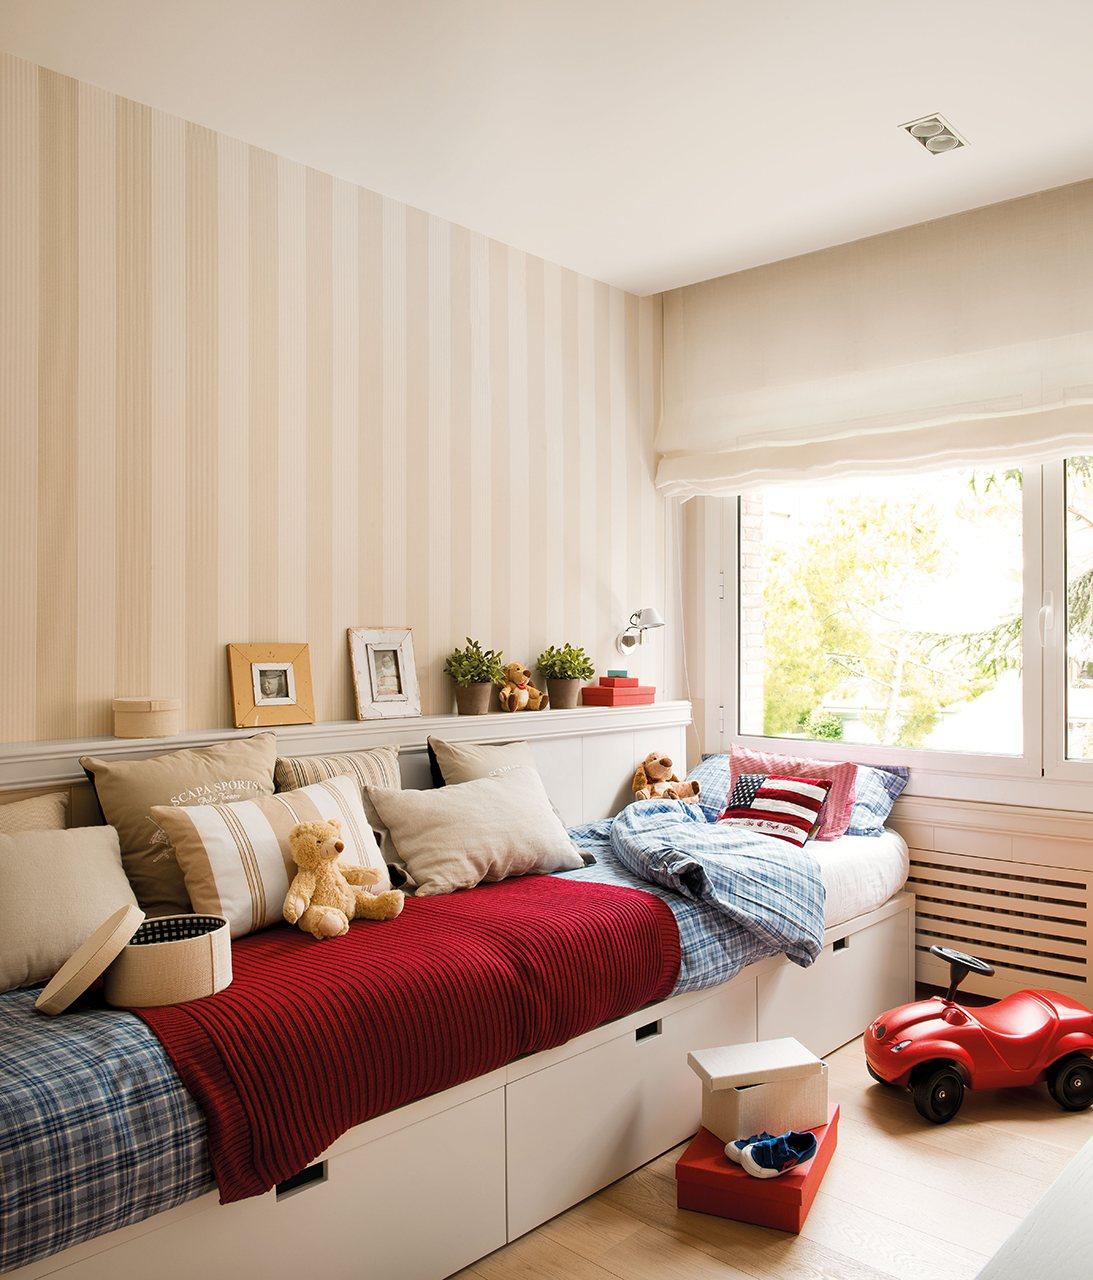 Una casa tranquila en medio de la ciudad - Dormitorio infantil cama nido ...